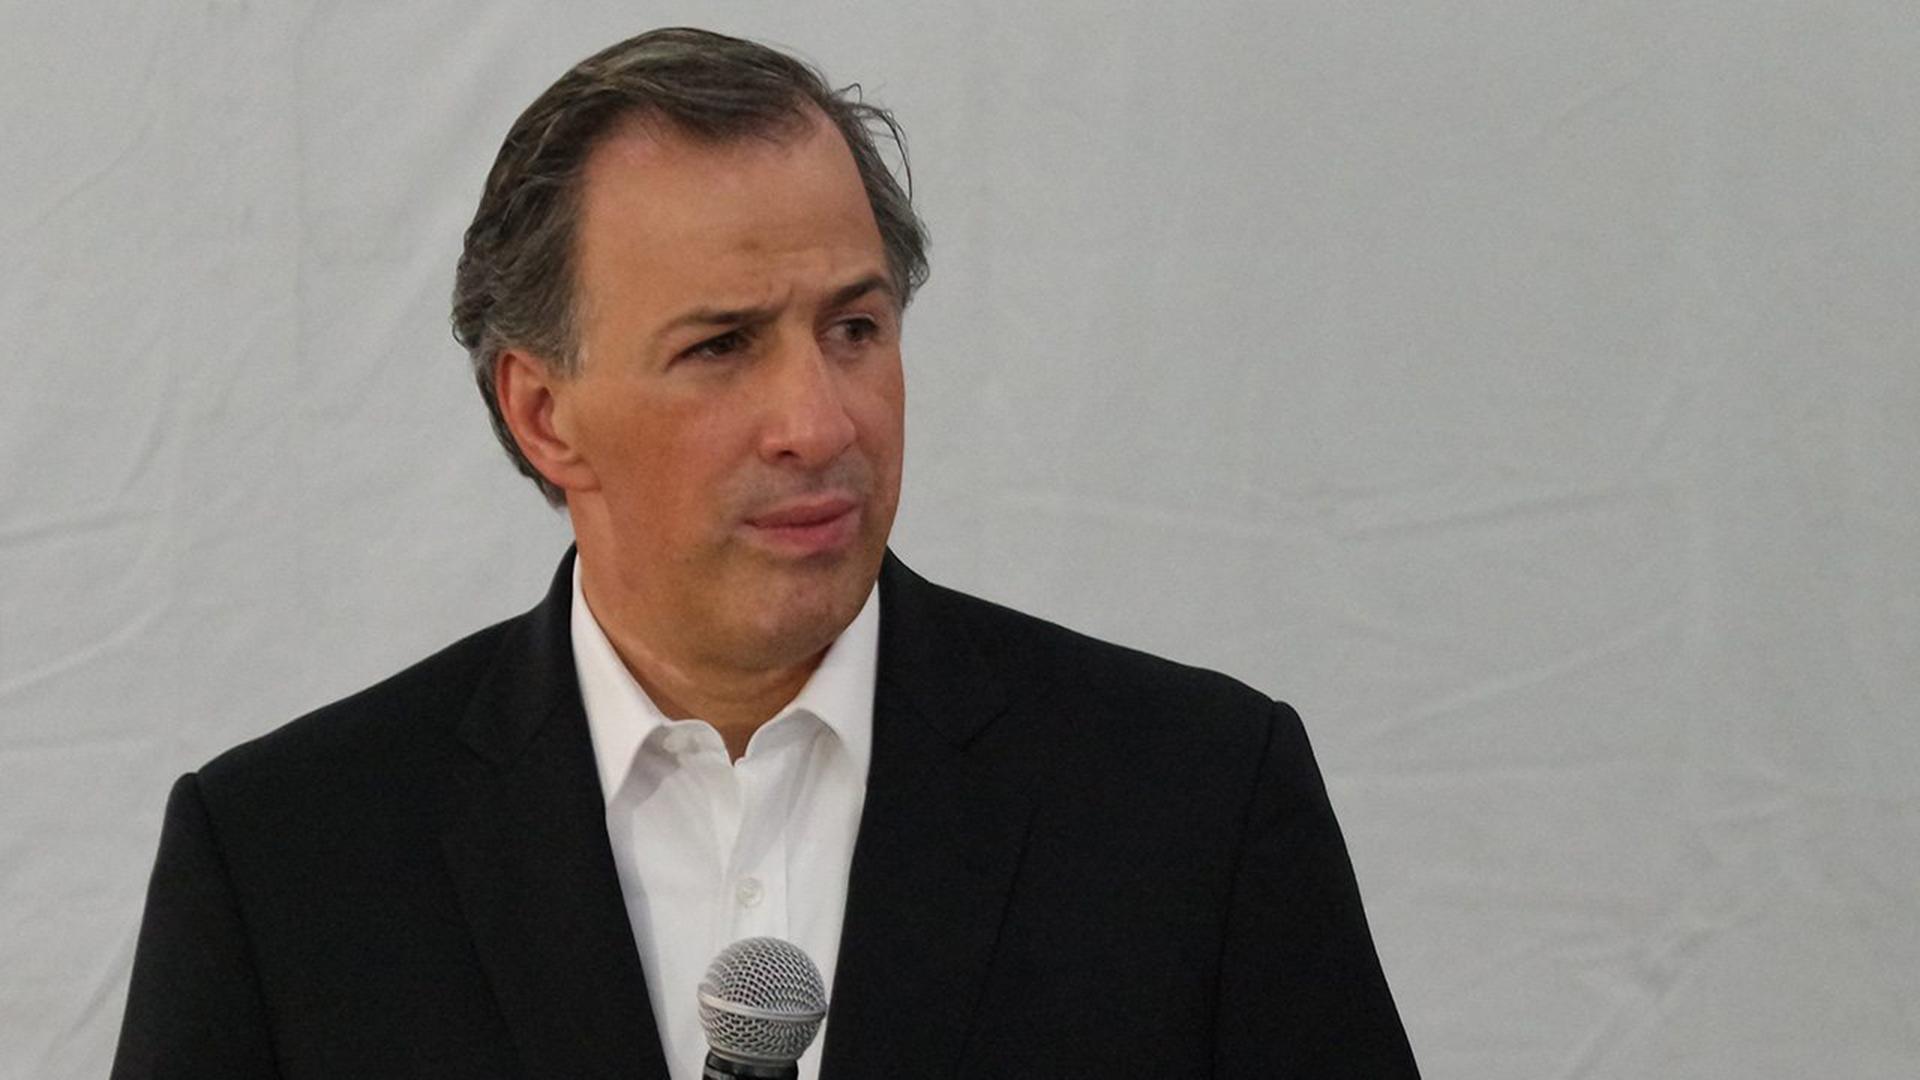 José Antonio Meade se destapa: buscará su candidatura a la presidencia de México